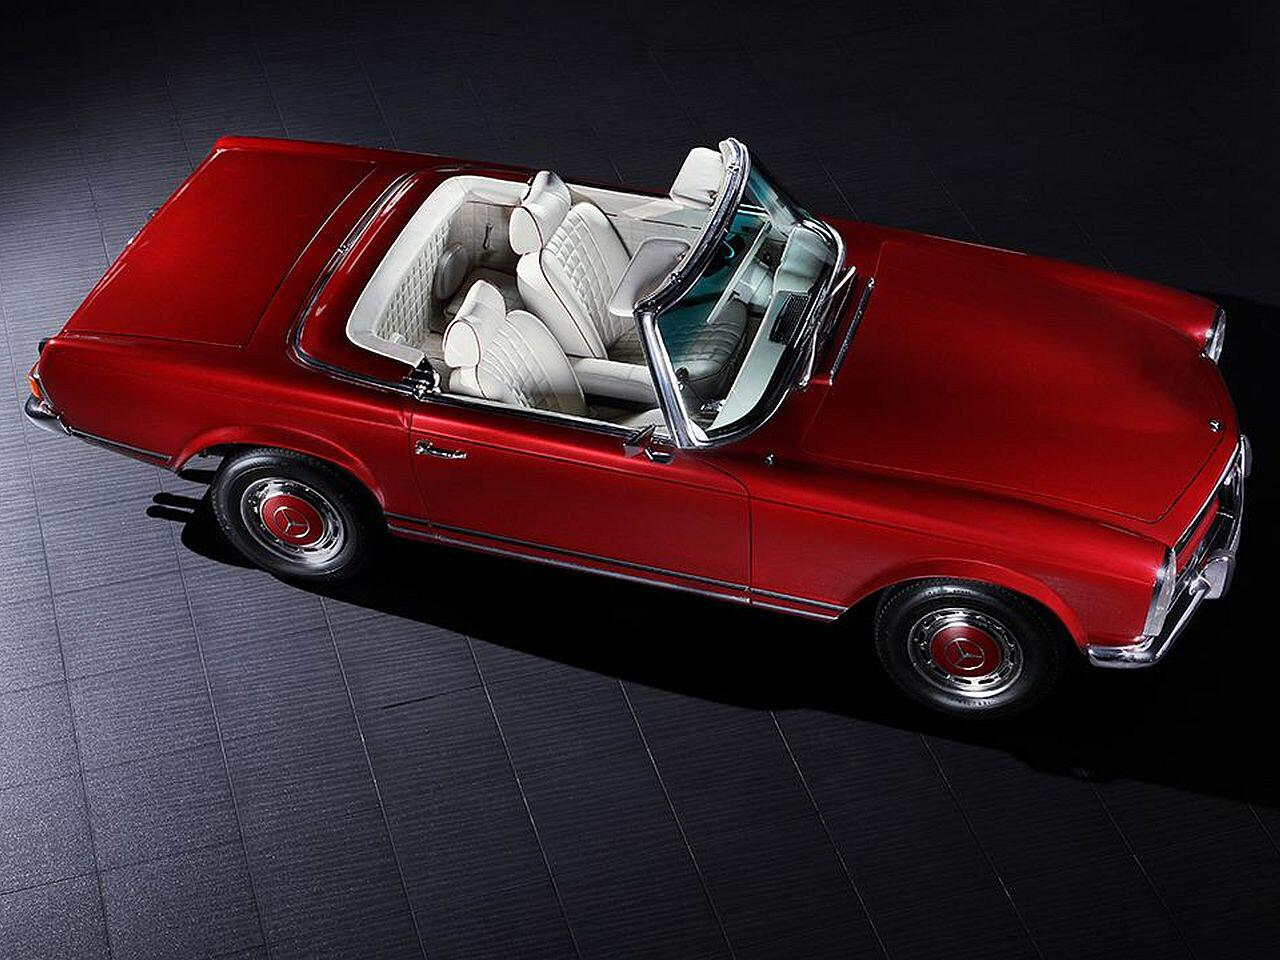 Bild zu Klassiker in neuem Glanz: Restaurierter Mercedes 280 SL